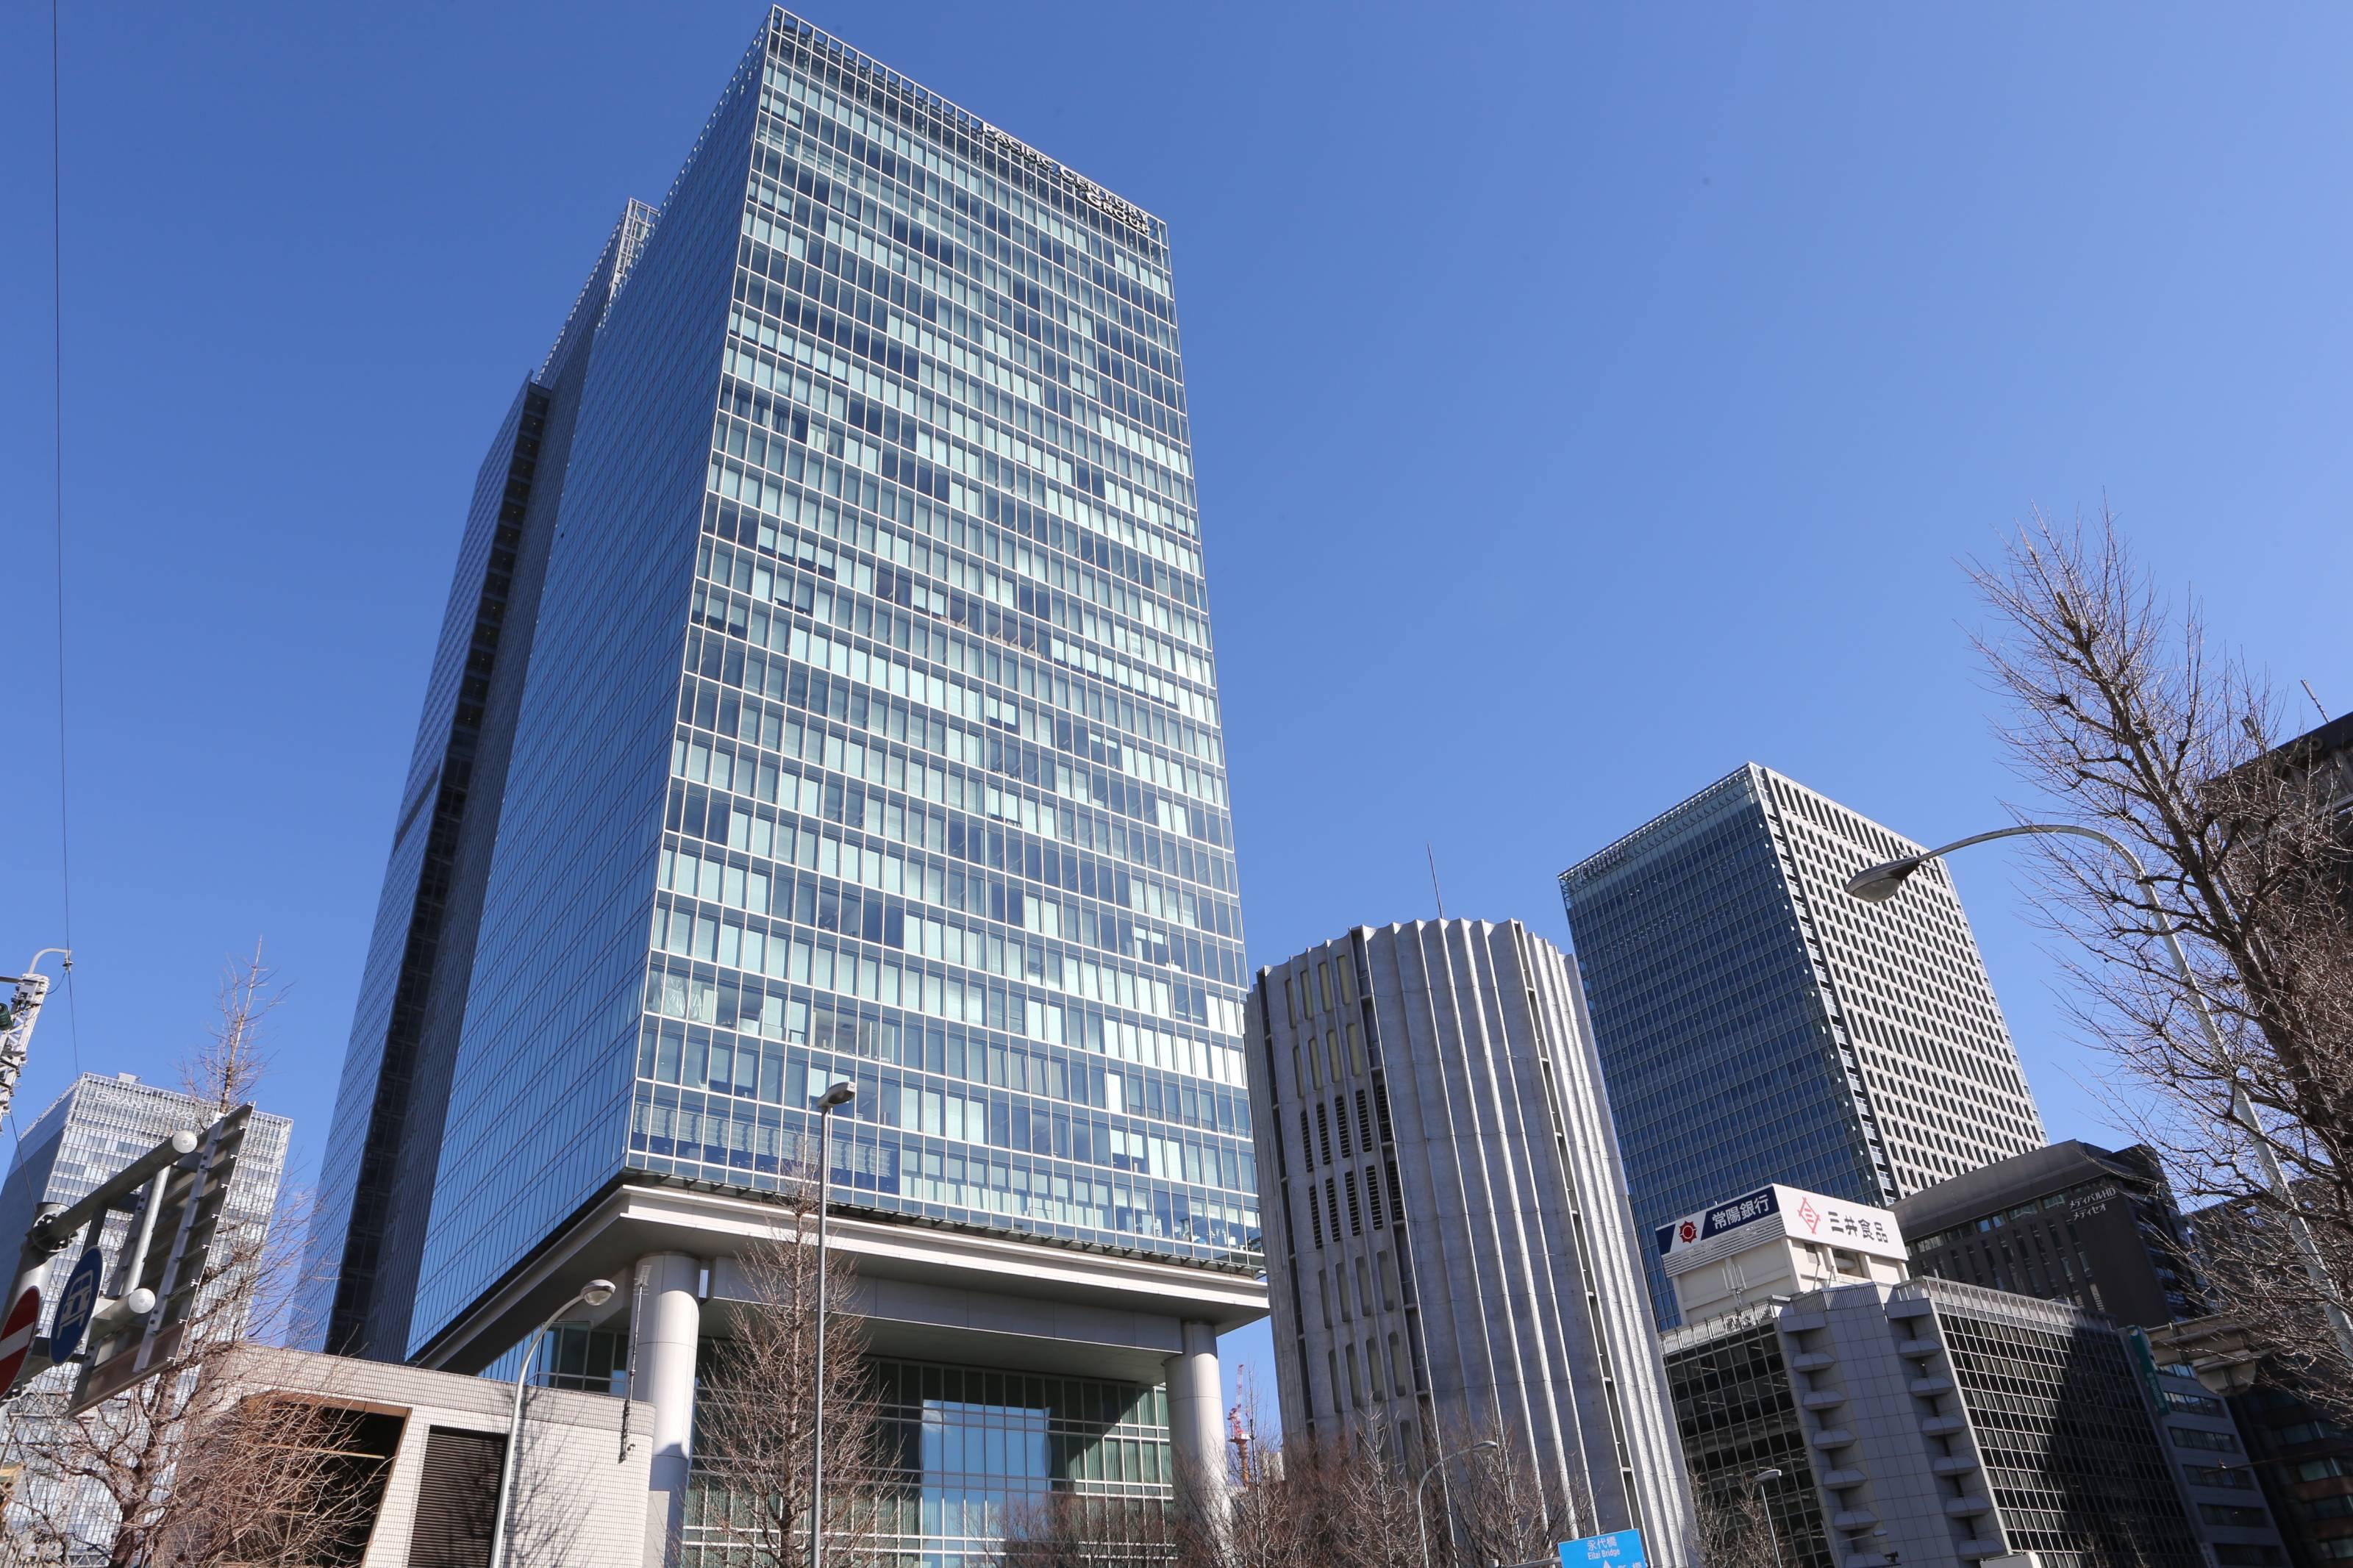 武蔵コーポレーション株式会社 東京本社